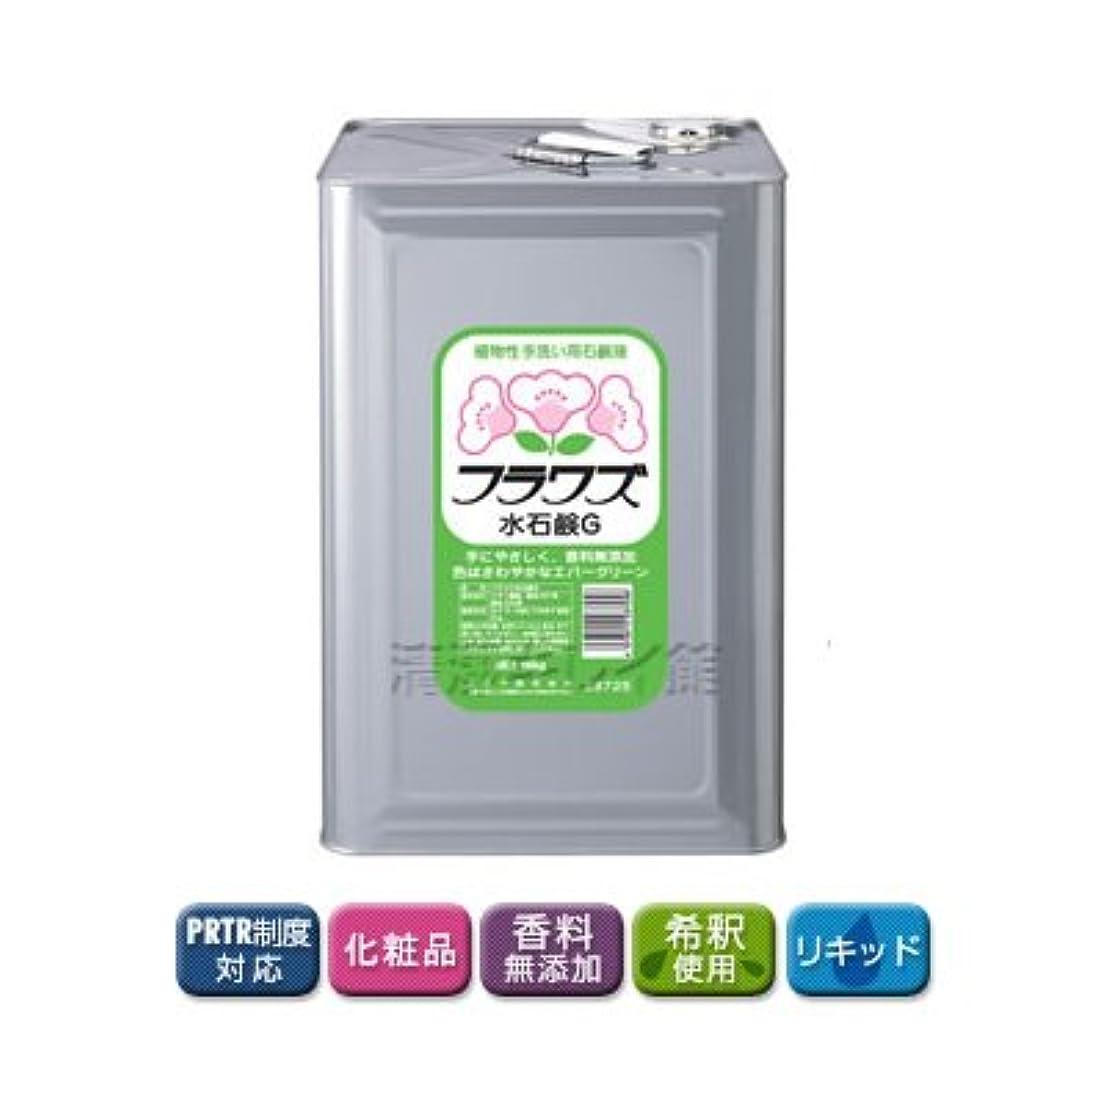 資金たぶんキラウエア山【清潔キレイ館】サラヤ フラワズ水石鹸液G(18L)